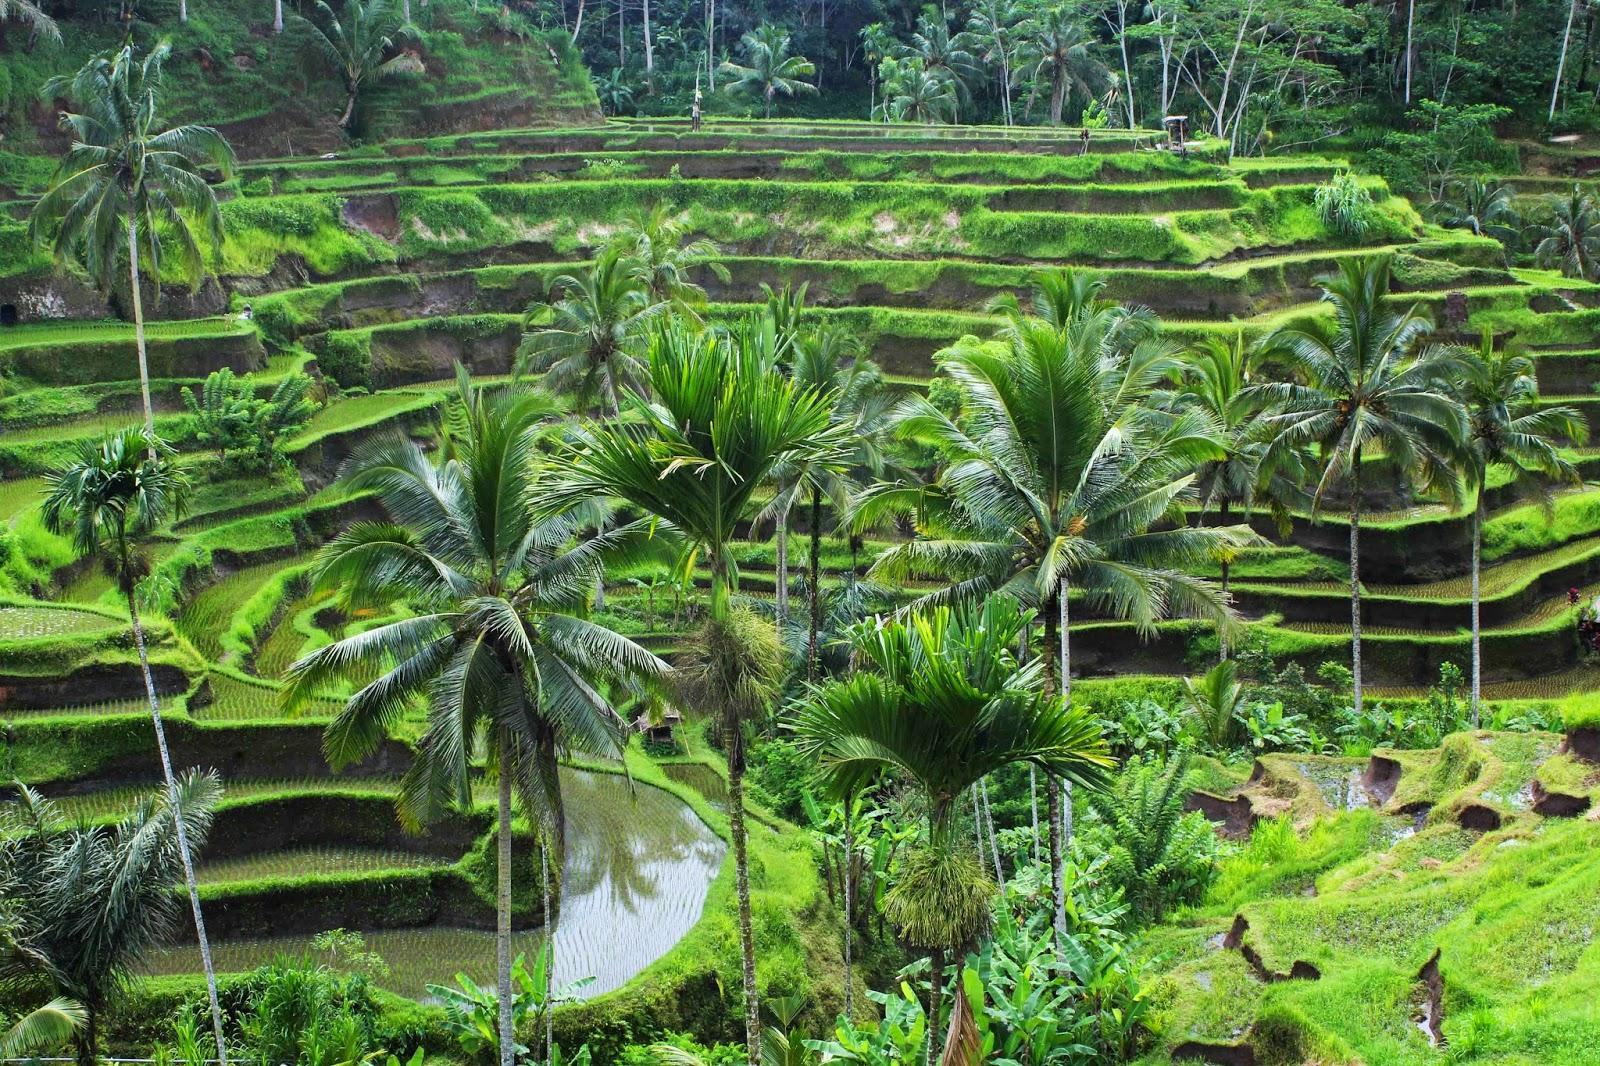 Alam Hijau yang Memukai sebagai Tempat Wisata Ubud Bali (jalan2trus.com)